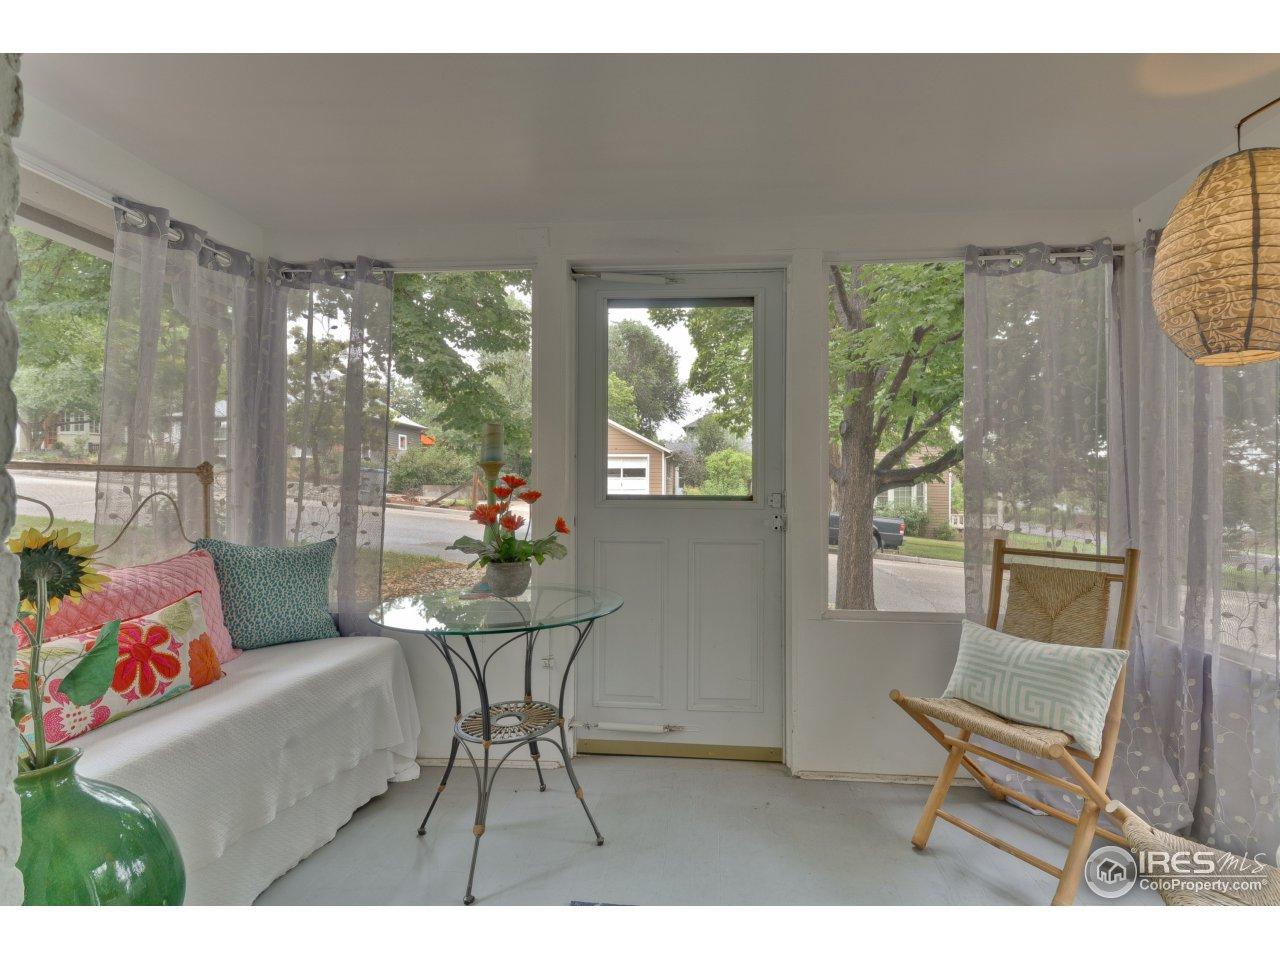 203 Judson St, Longmont, CO 80501